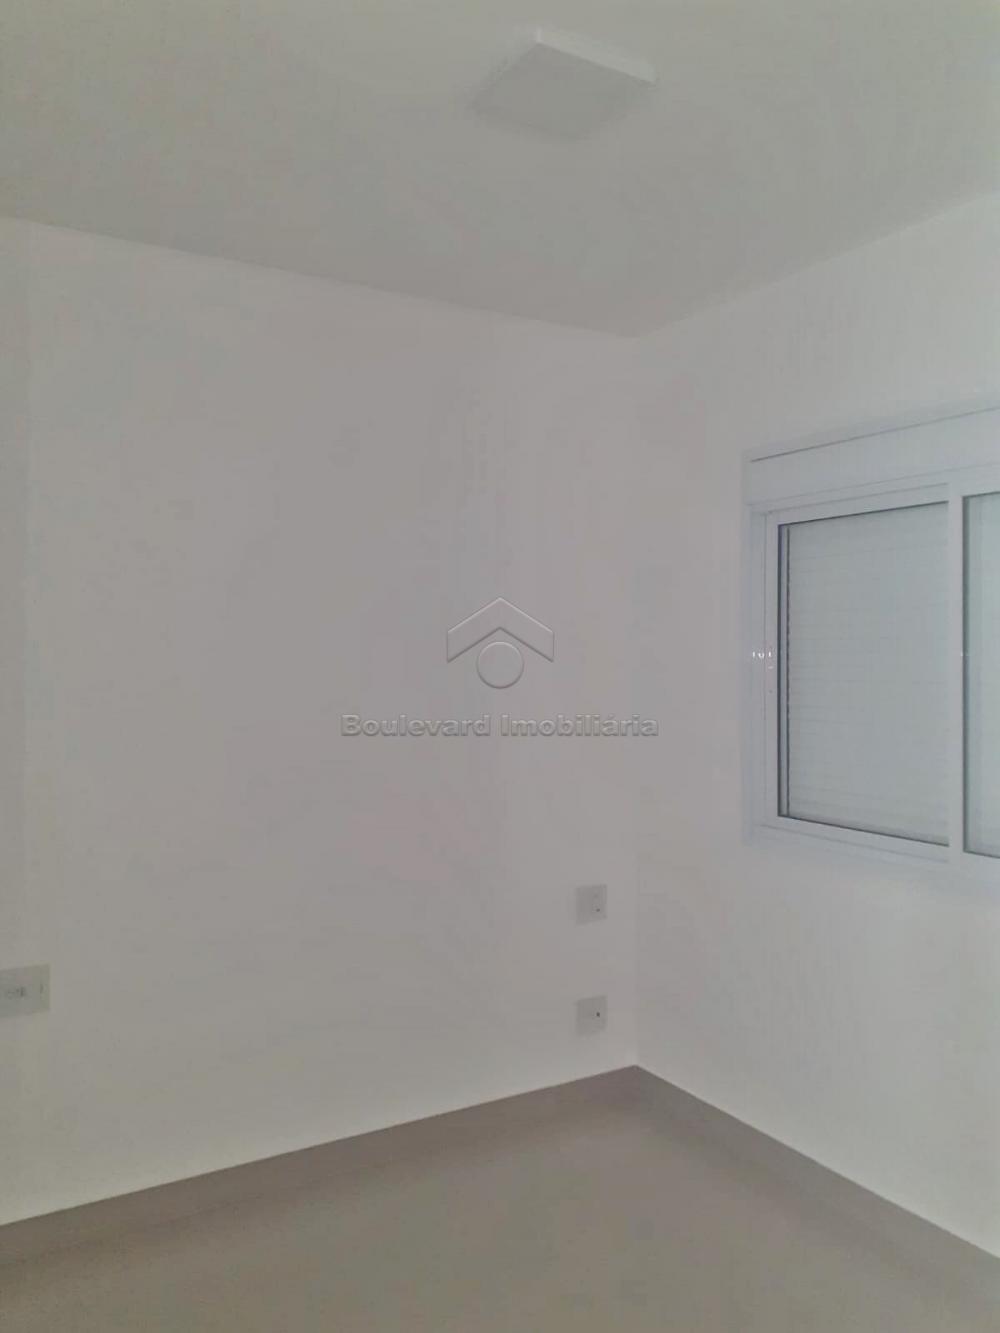 Comprar Apartamento / Padrão em Ribeirão Preto R$ 725.000,00 - Foto 14